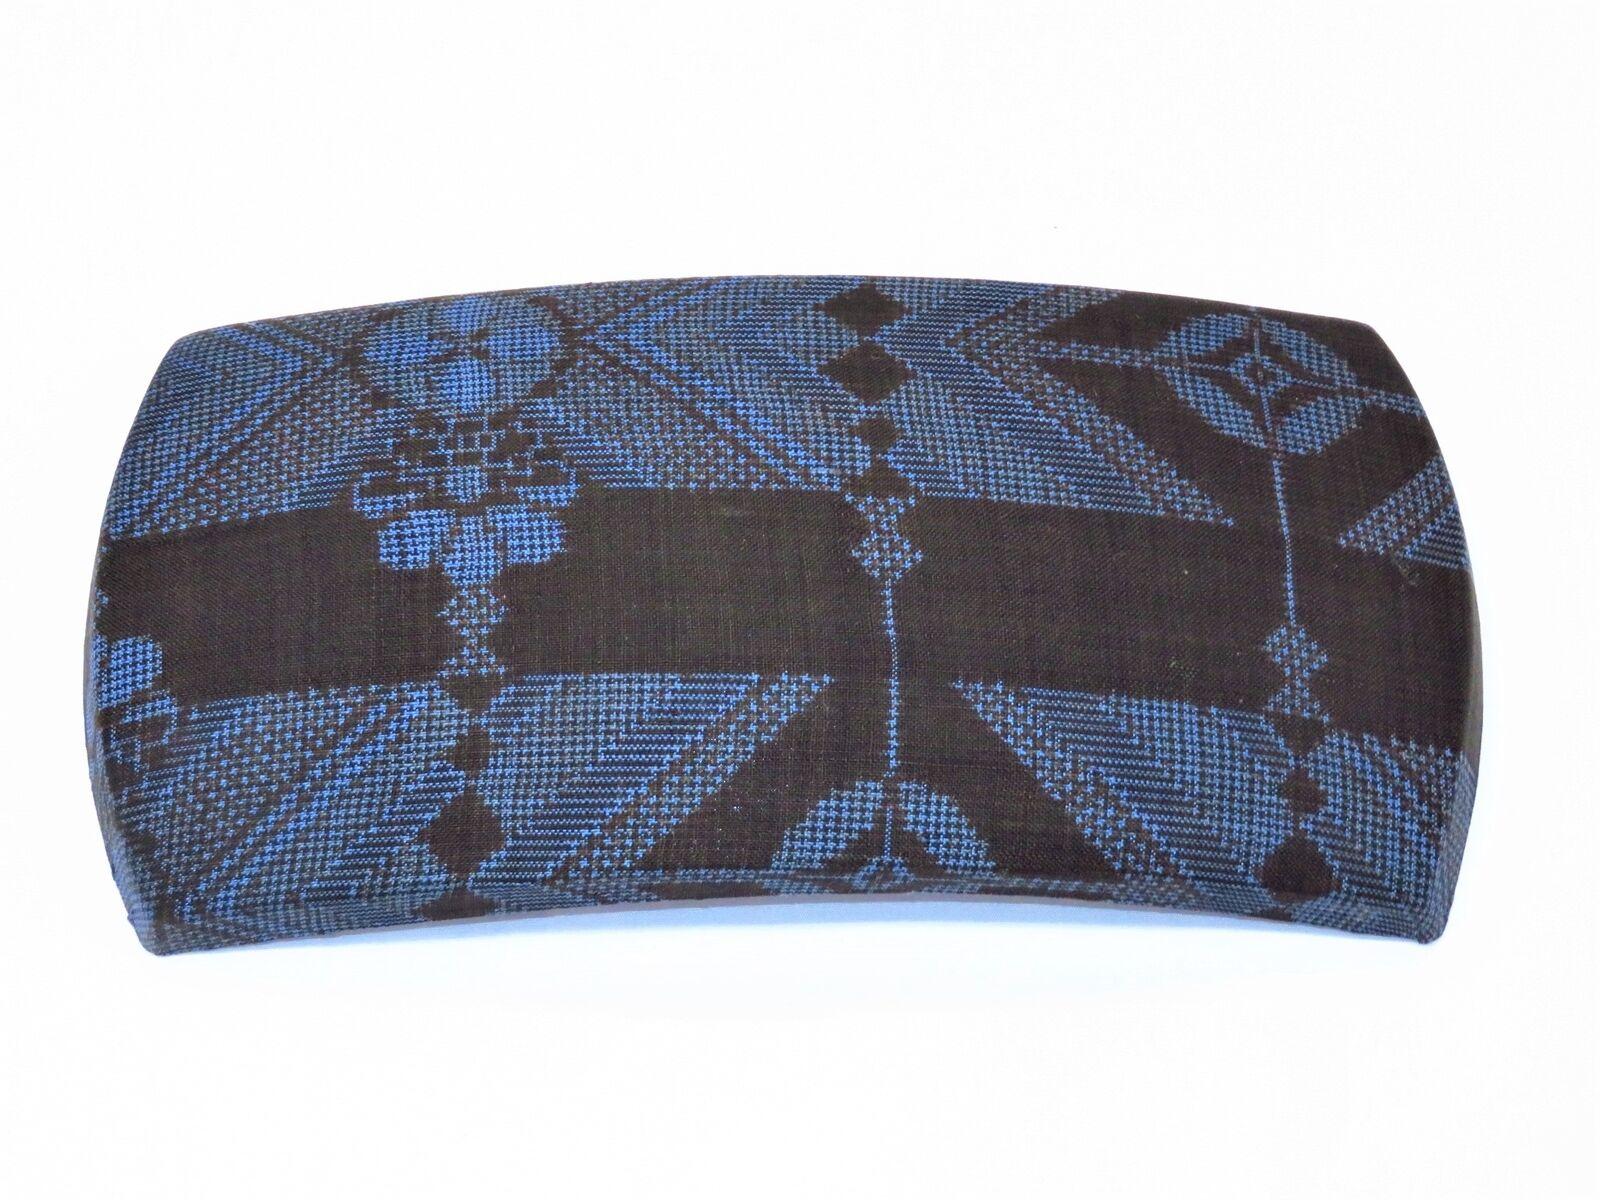 Shamisen piezas doukake para tugaru kimono japonés japonés japonés Azul Nuevo 184 9fd2d9